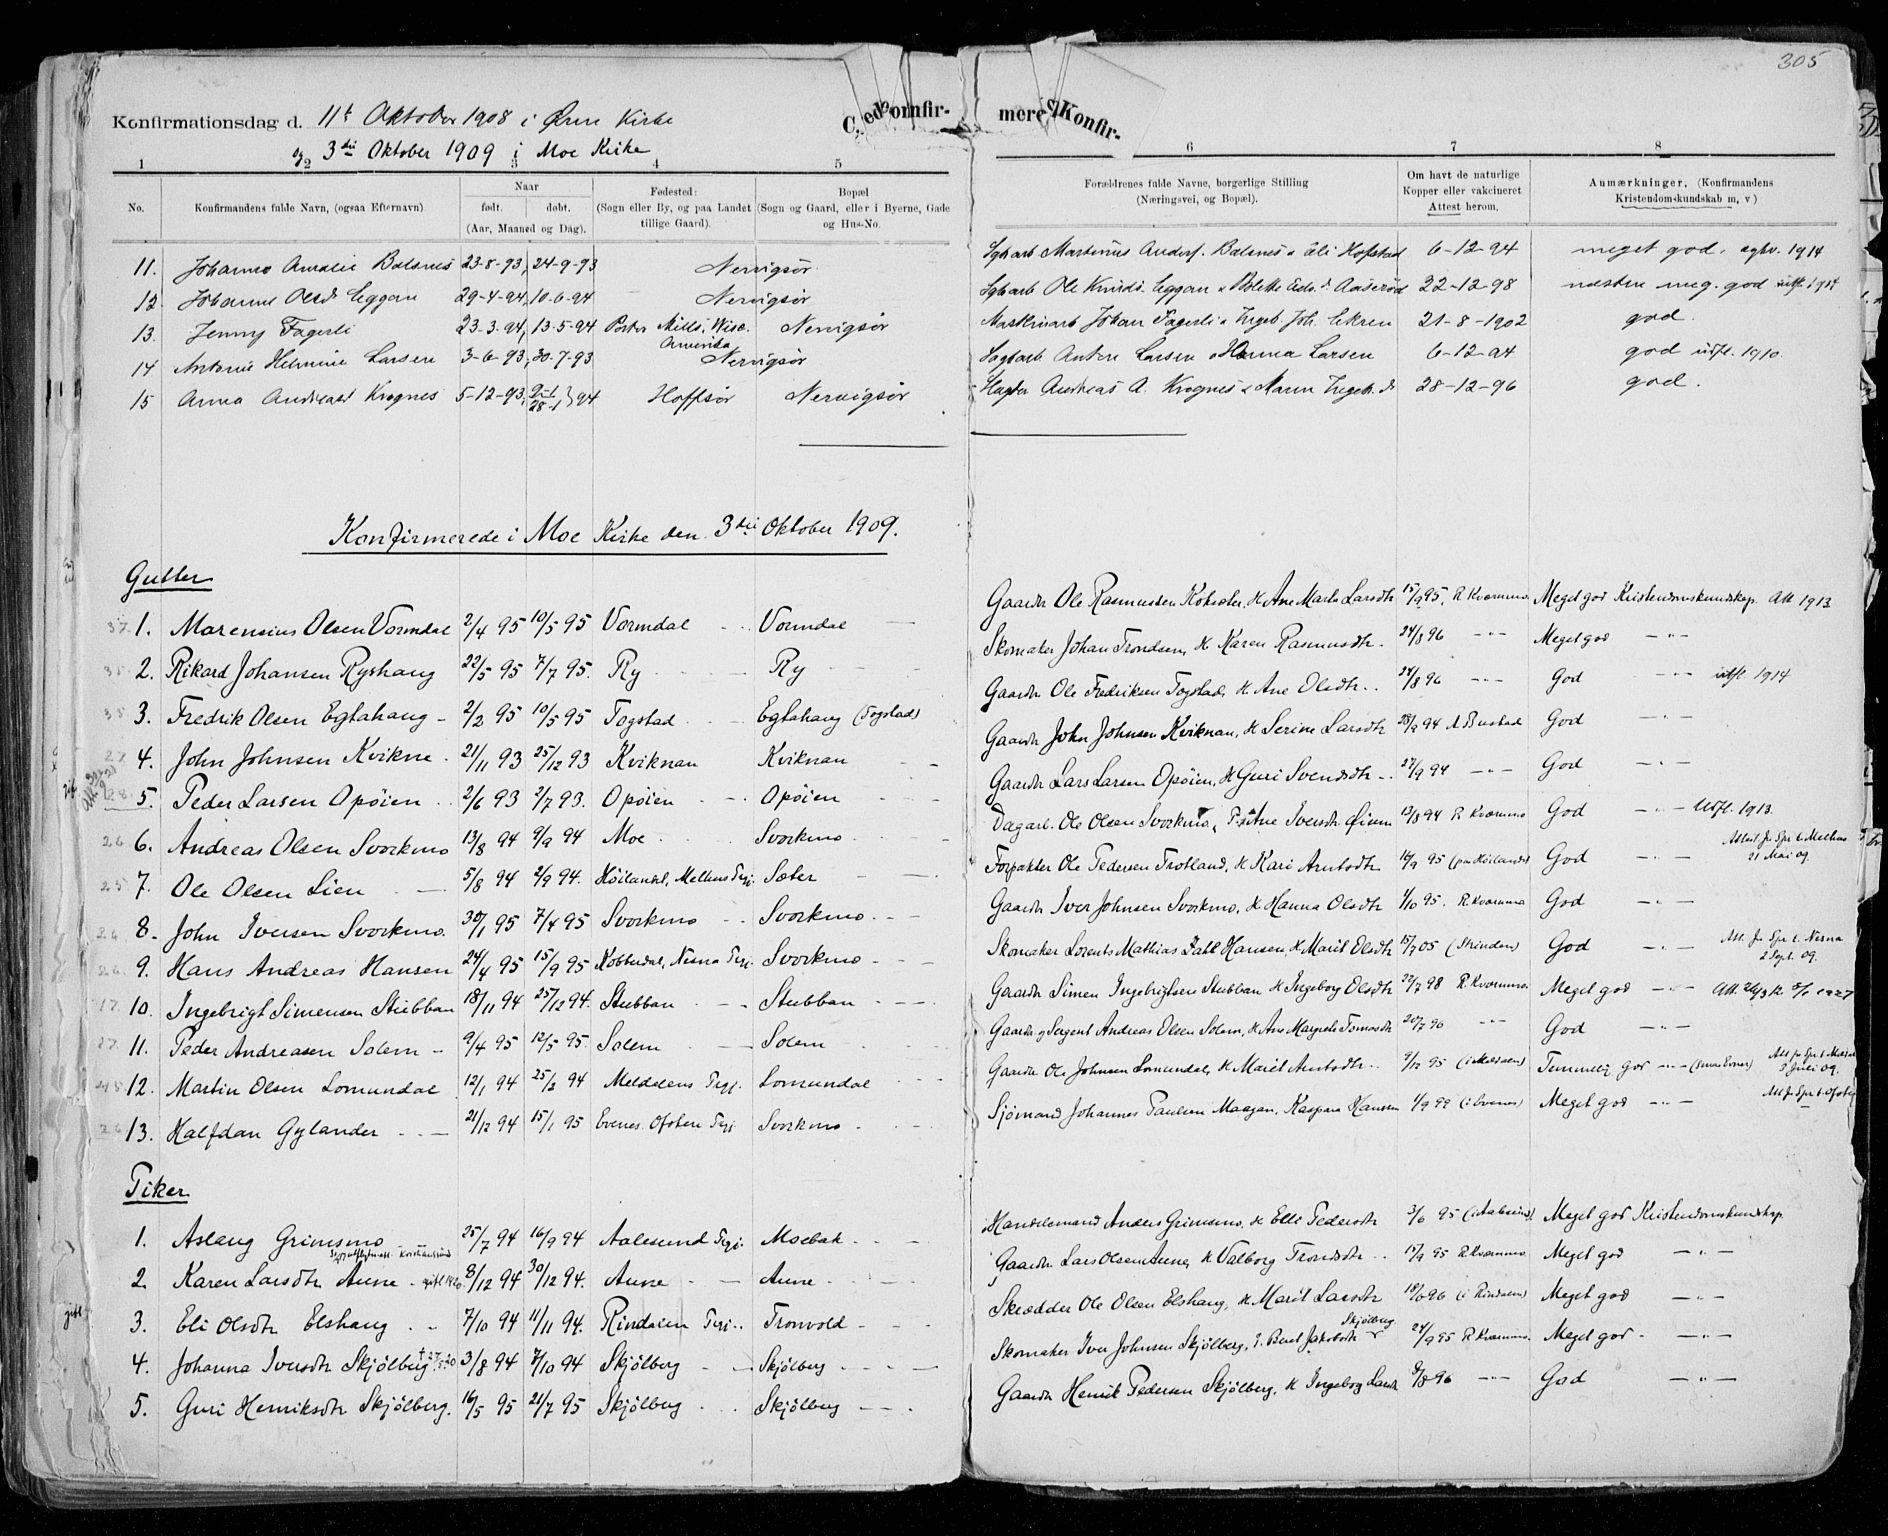 SAT, Ministerialprotokoller, klokkerbøker og fødselsregistre - Sør-Trøndelag, 668/L0811: Ministerialbok nr. 668A11, 1894-1913, s. 305